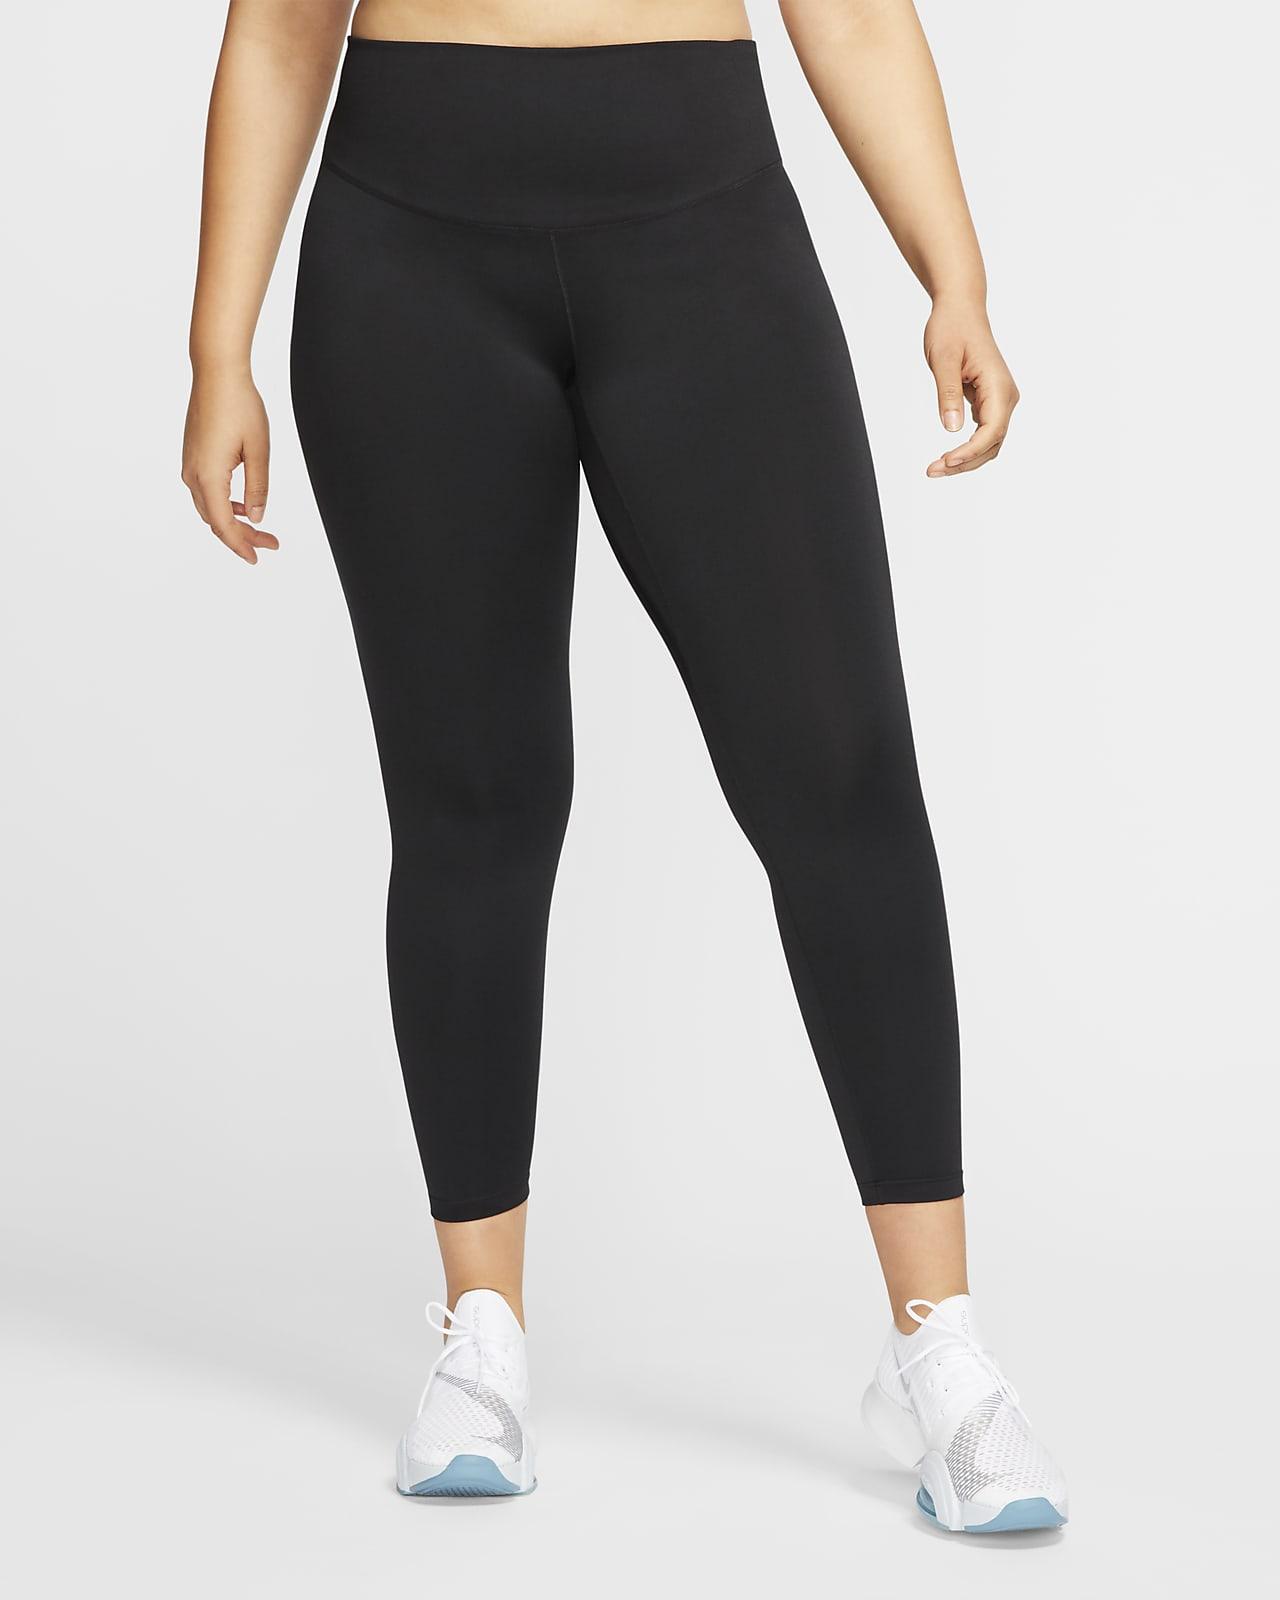 Dámské legíny Nike One se středně vysokým pasem (větší velikost)